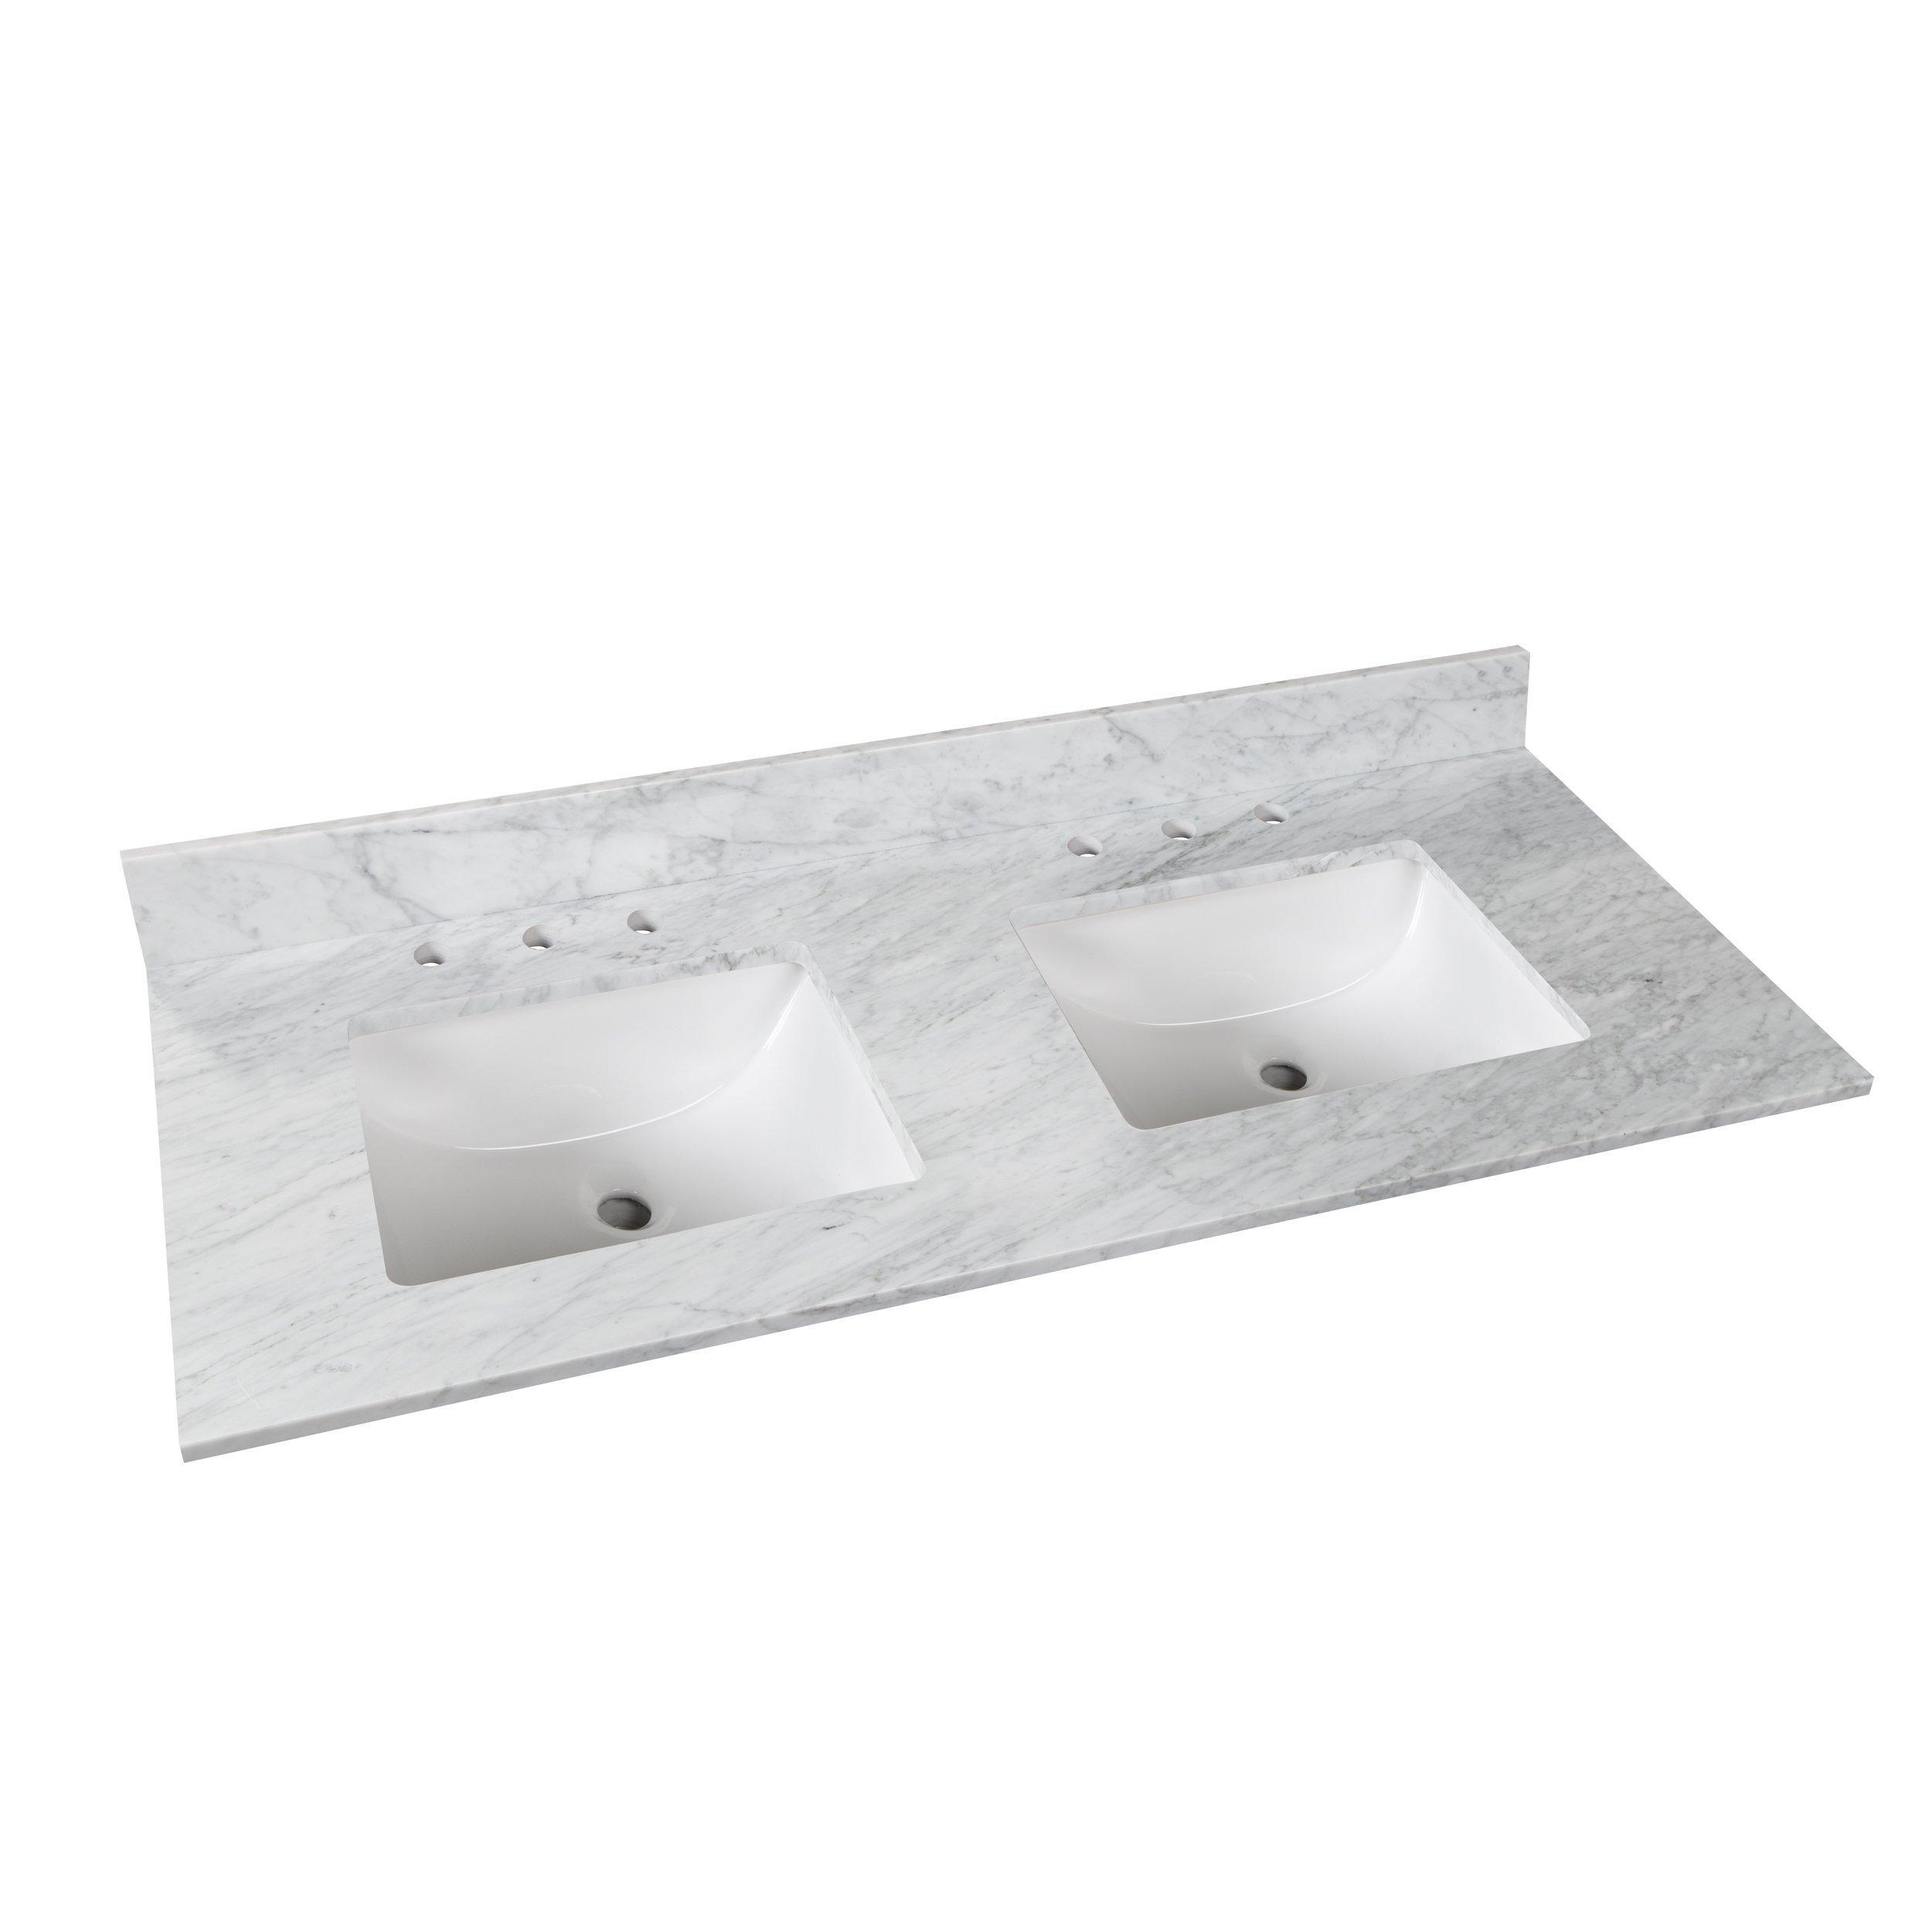 bianco carrara marble 61 in vanity top includes backsplash